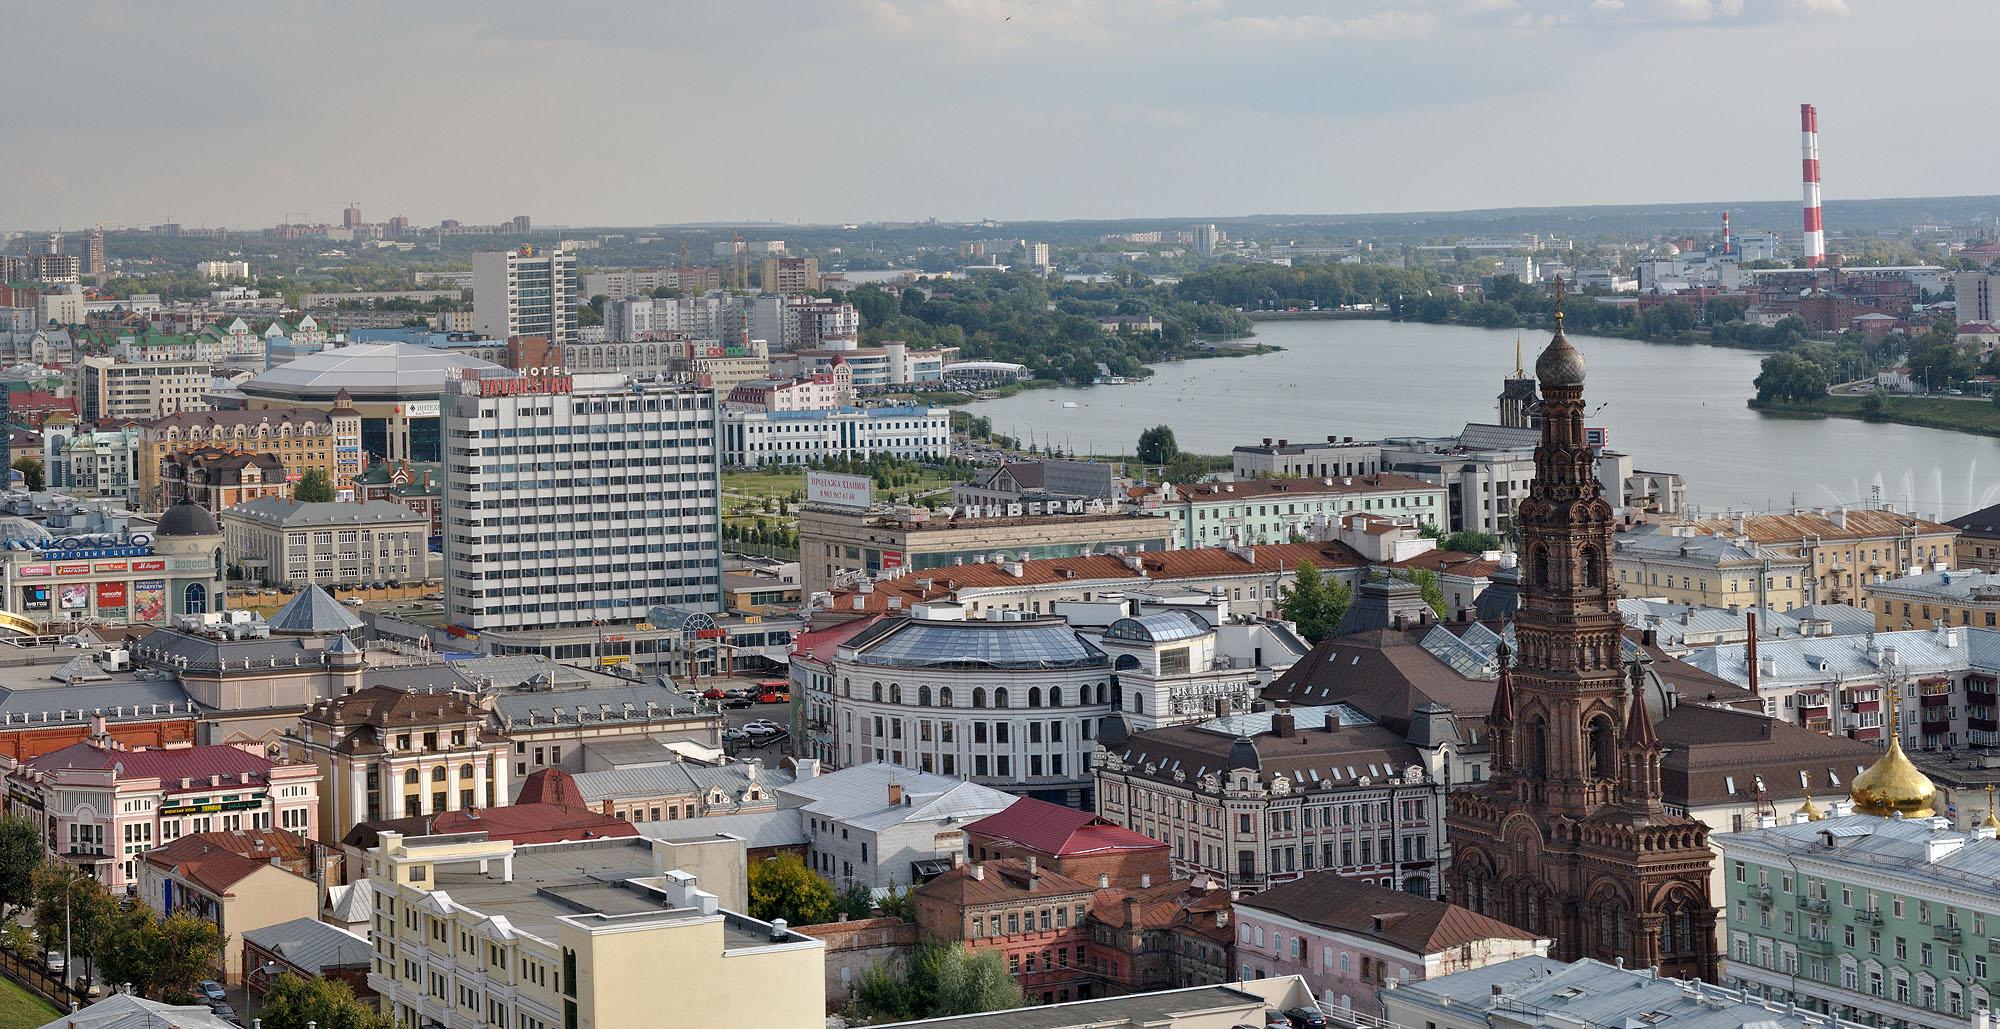 Казань - красивые и удивительные картинки города 6